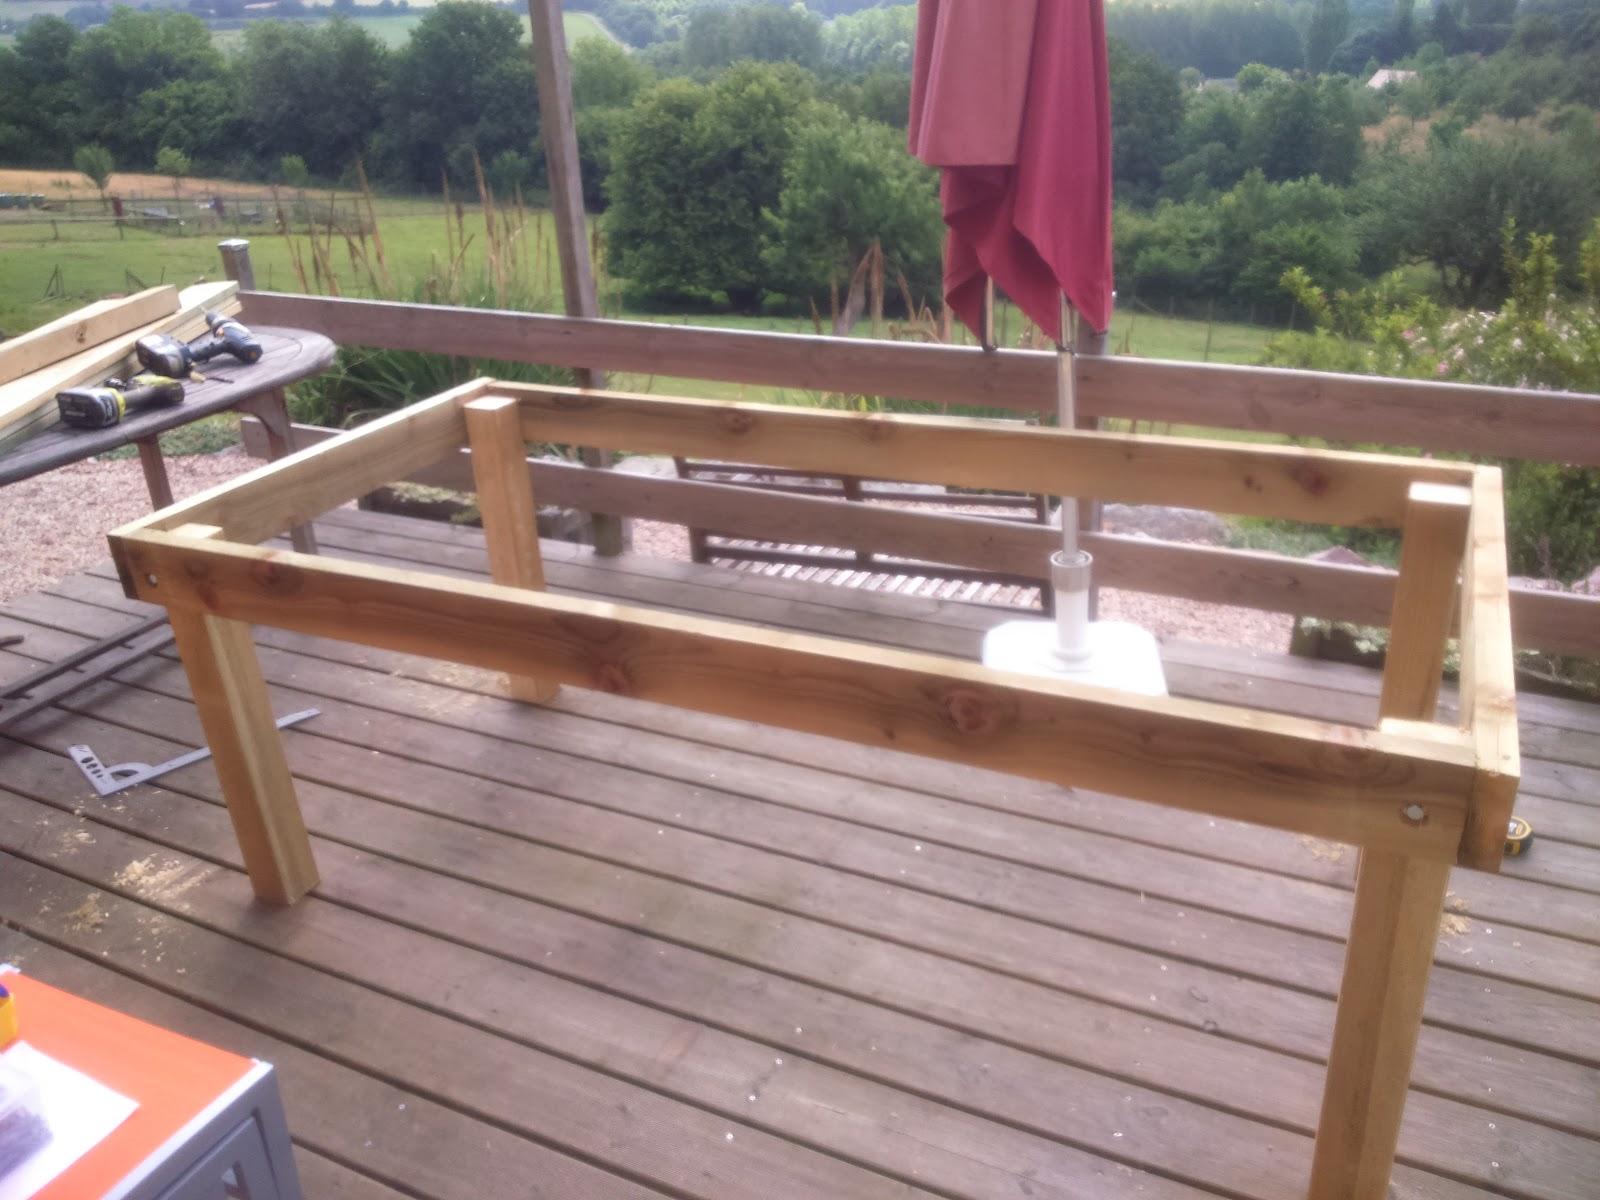 fabriquer une table de jardin en bois Emejing Construire Une Table De Jardin En Bois Pictures - House .